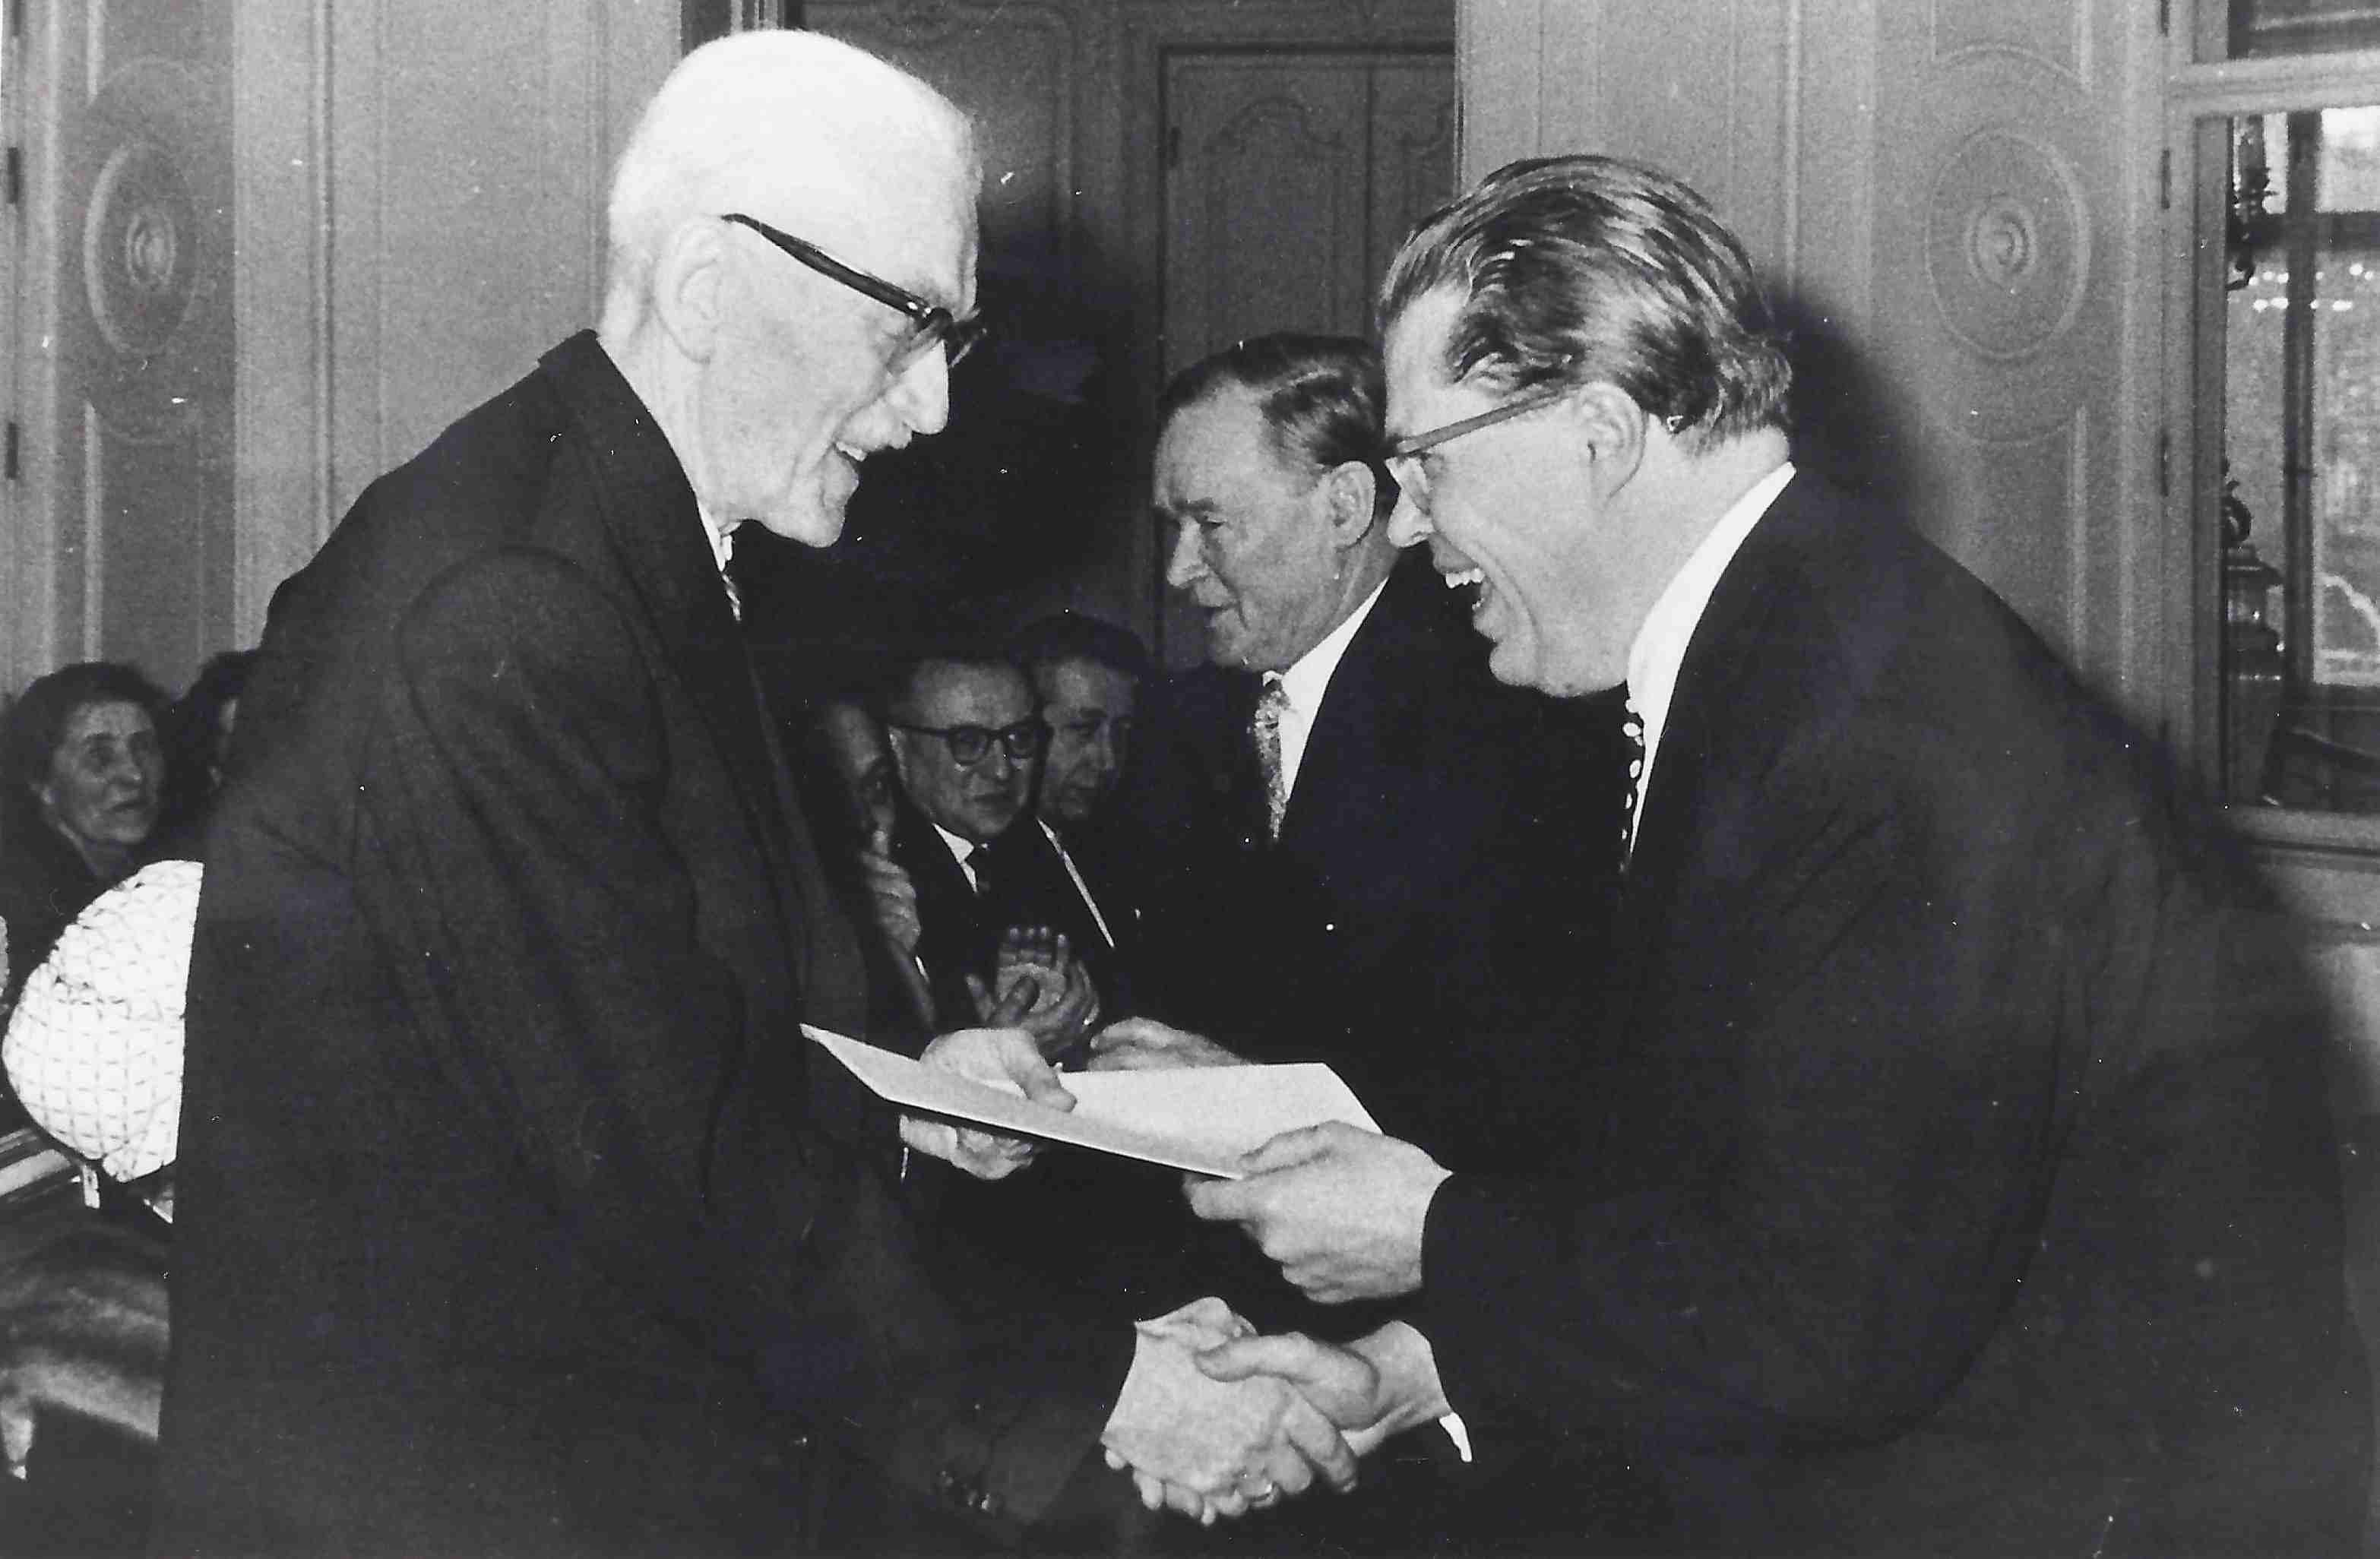 Überreichung der Ehrenurkunde de rWr. Mozartgemeinde durch Prof. Erik Werba, 1962